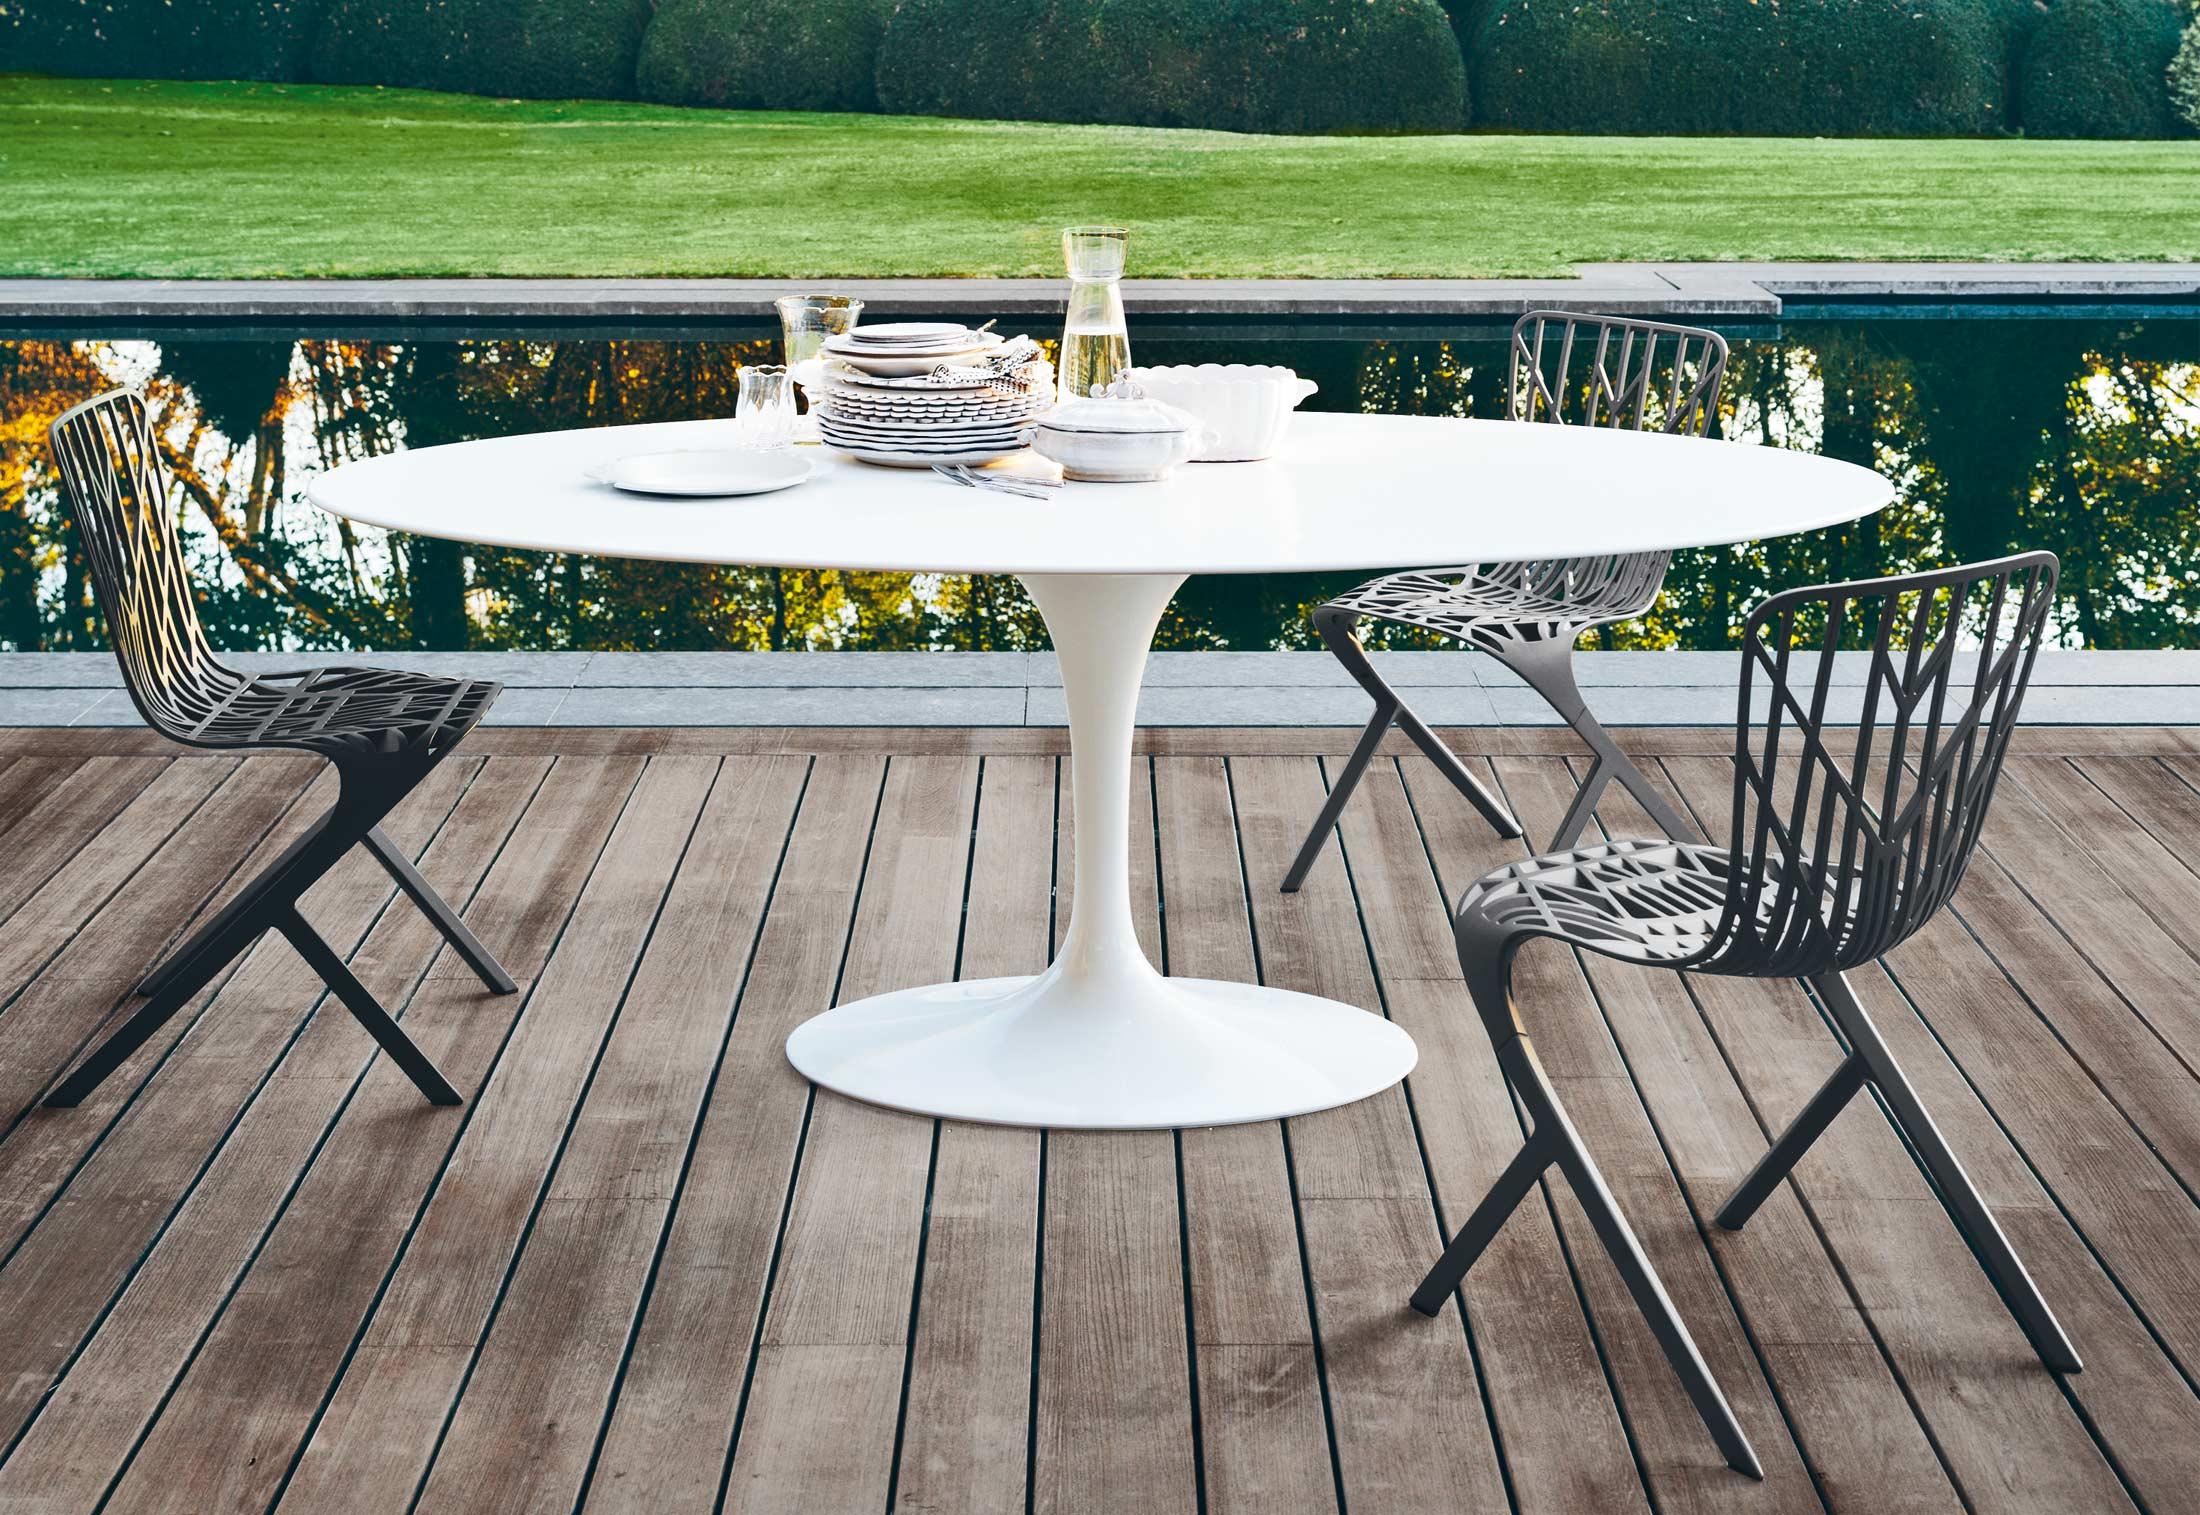 Saarinen Tulip outdoor dining table by Knoll | STYLEPARK